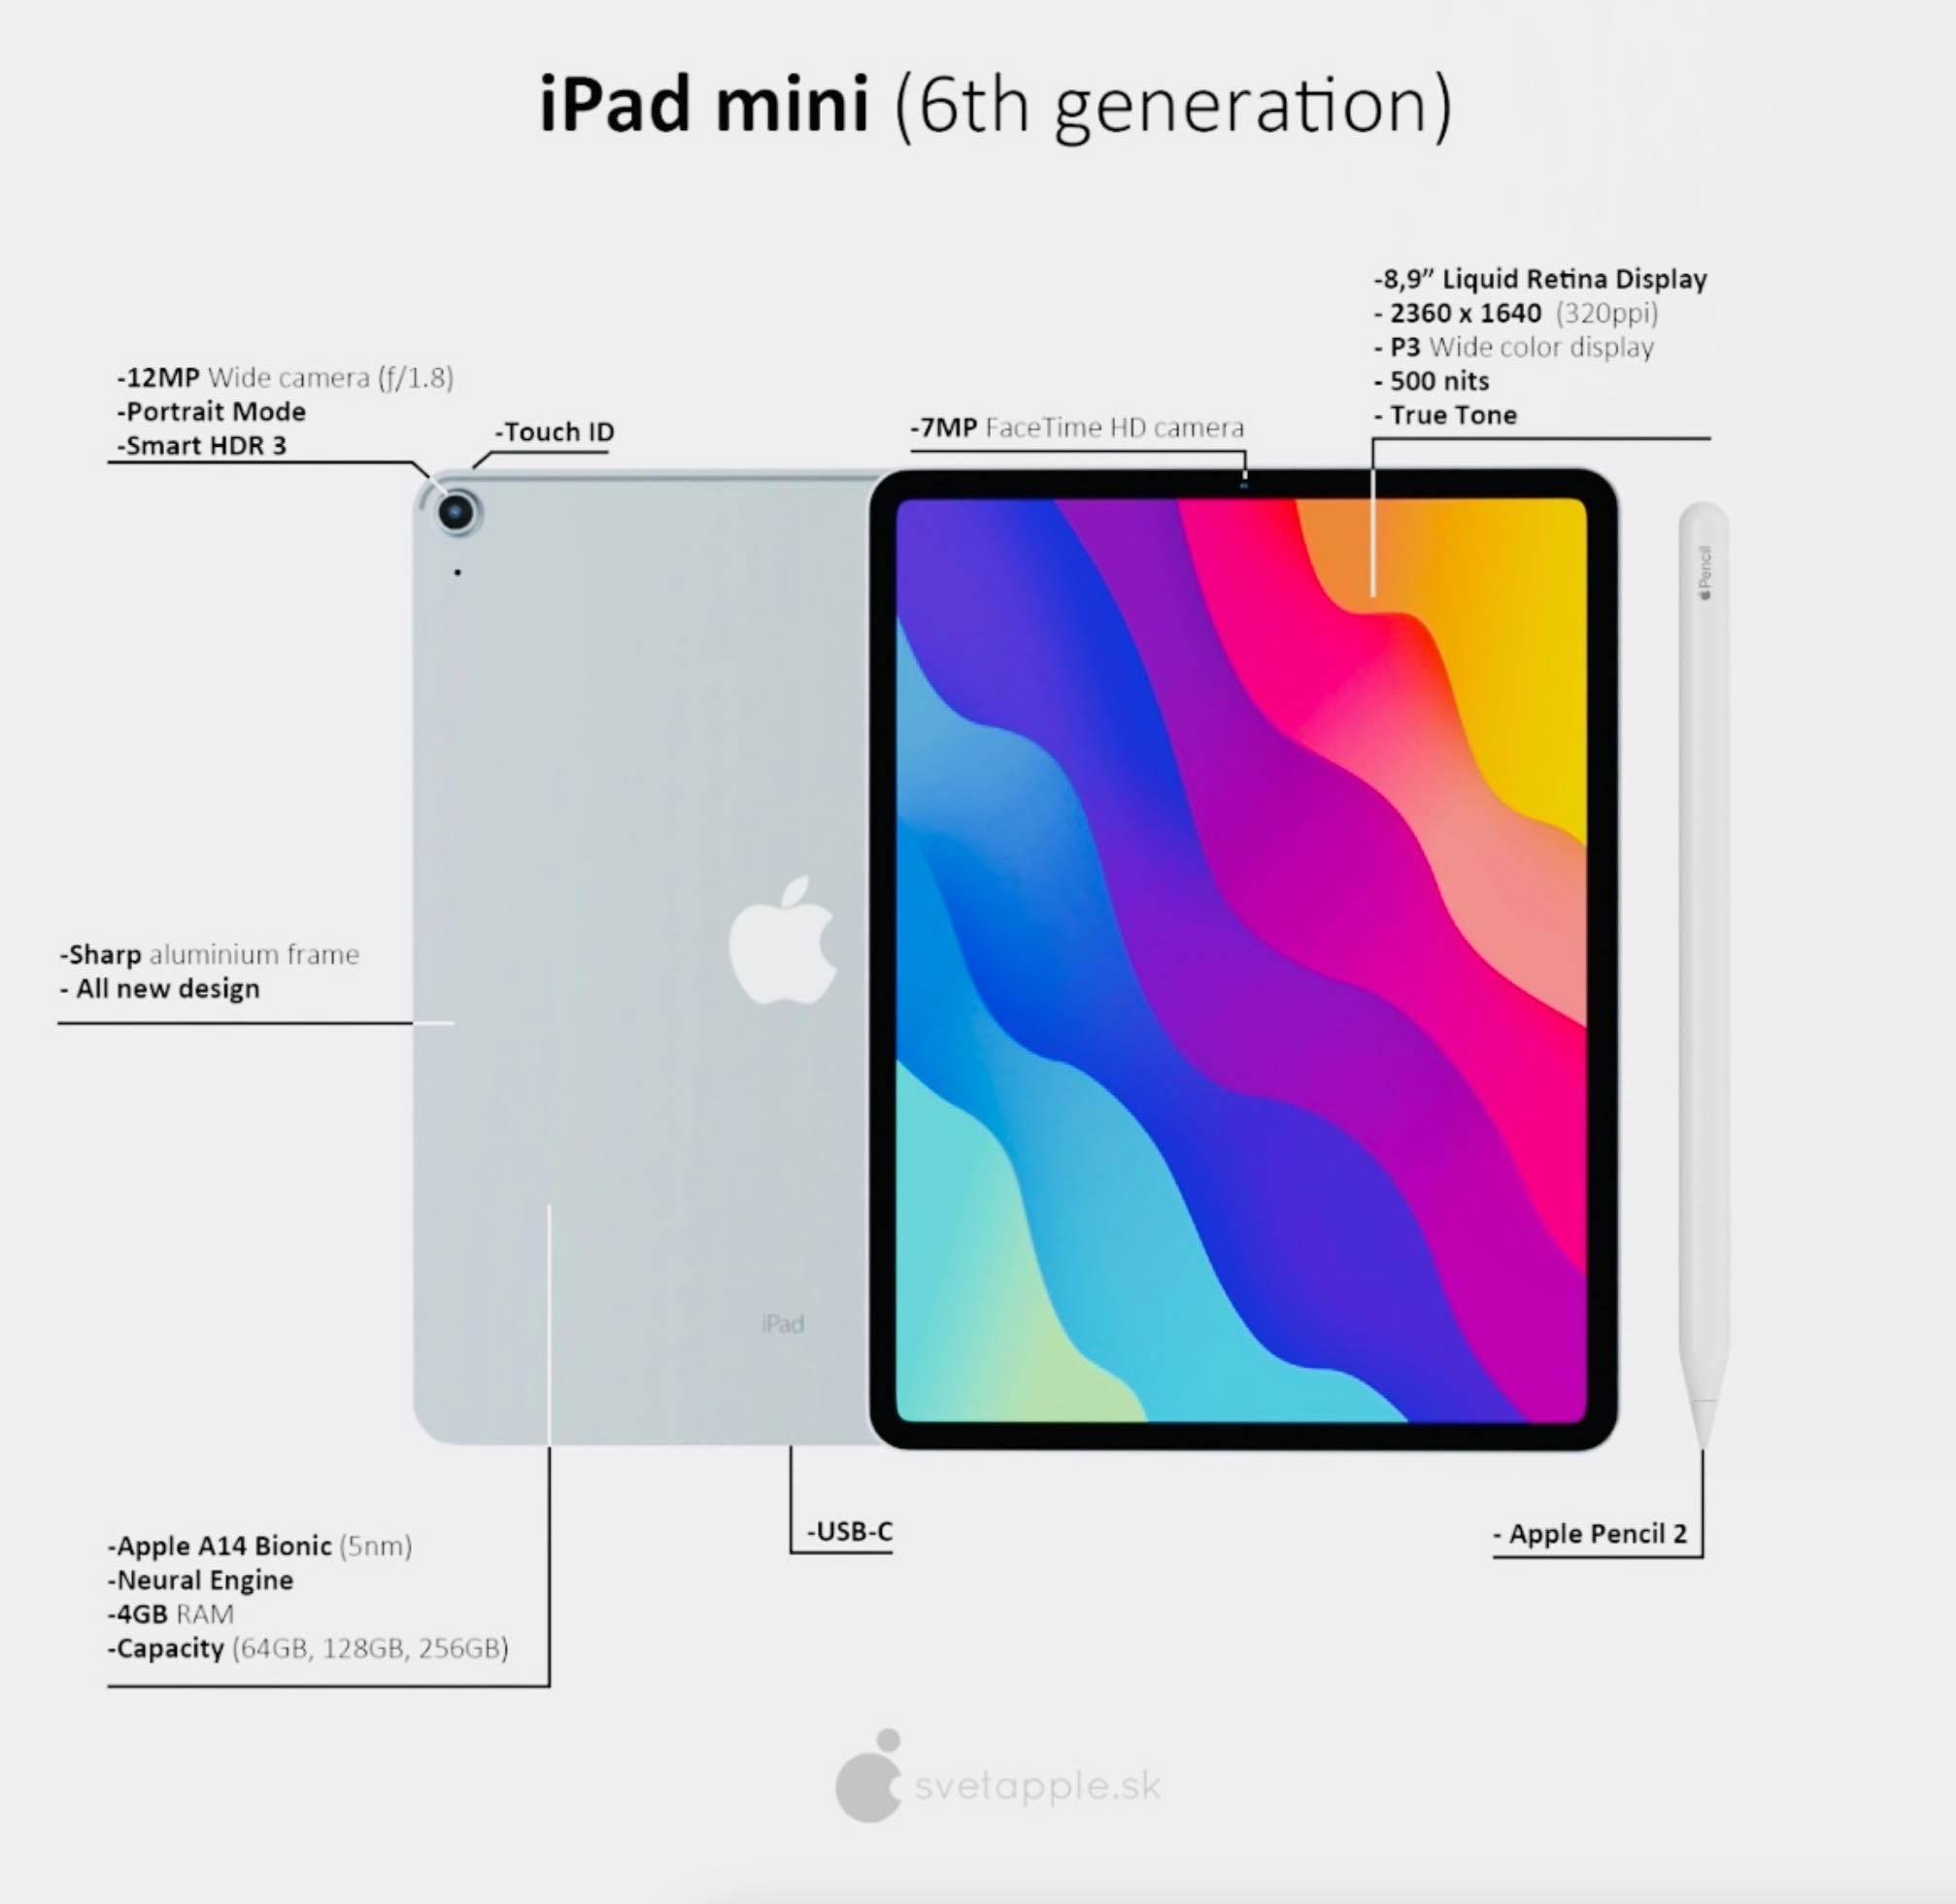 W sieci pojawiły się pierwsze rendery iPad mini 6. generacji (2021) w stylu iPad Pro polecane, ciekawostki iPad mini 6.generacji, iPad mini 6, iPad mini 2021, Apple  Od kilku miesięcy mówi się o tym, że Apple pracuje nad nowym iPadem mini. Na podstawie wszystkich dotychczasowych plotek i przecieków powstała koncepcja 8,9-calowego iPad mini 6. generacji. iPadmini 2021 3